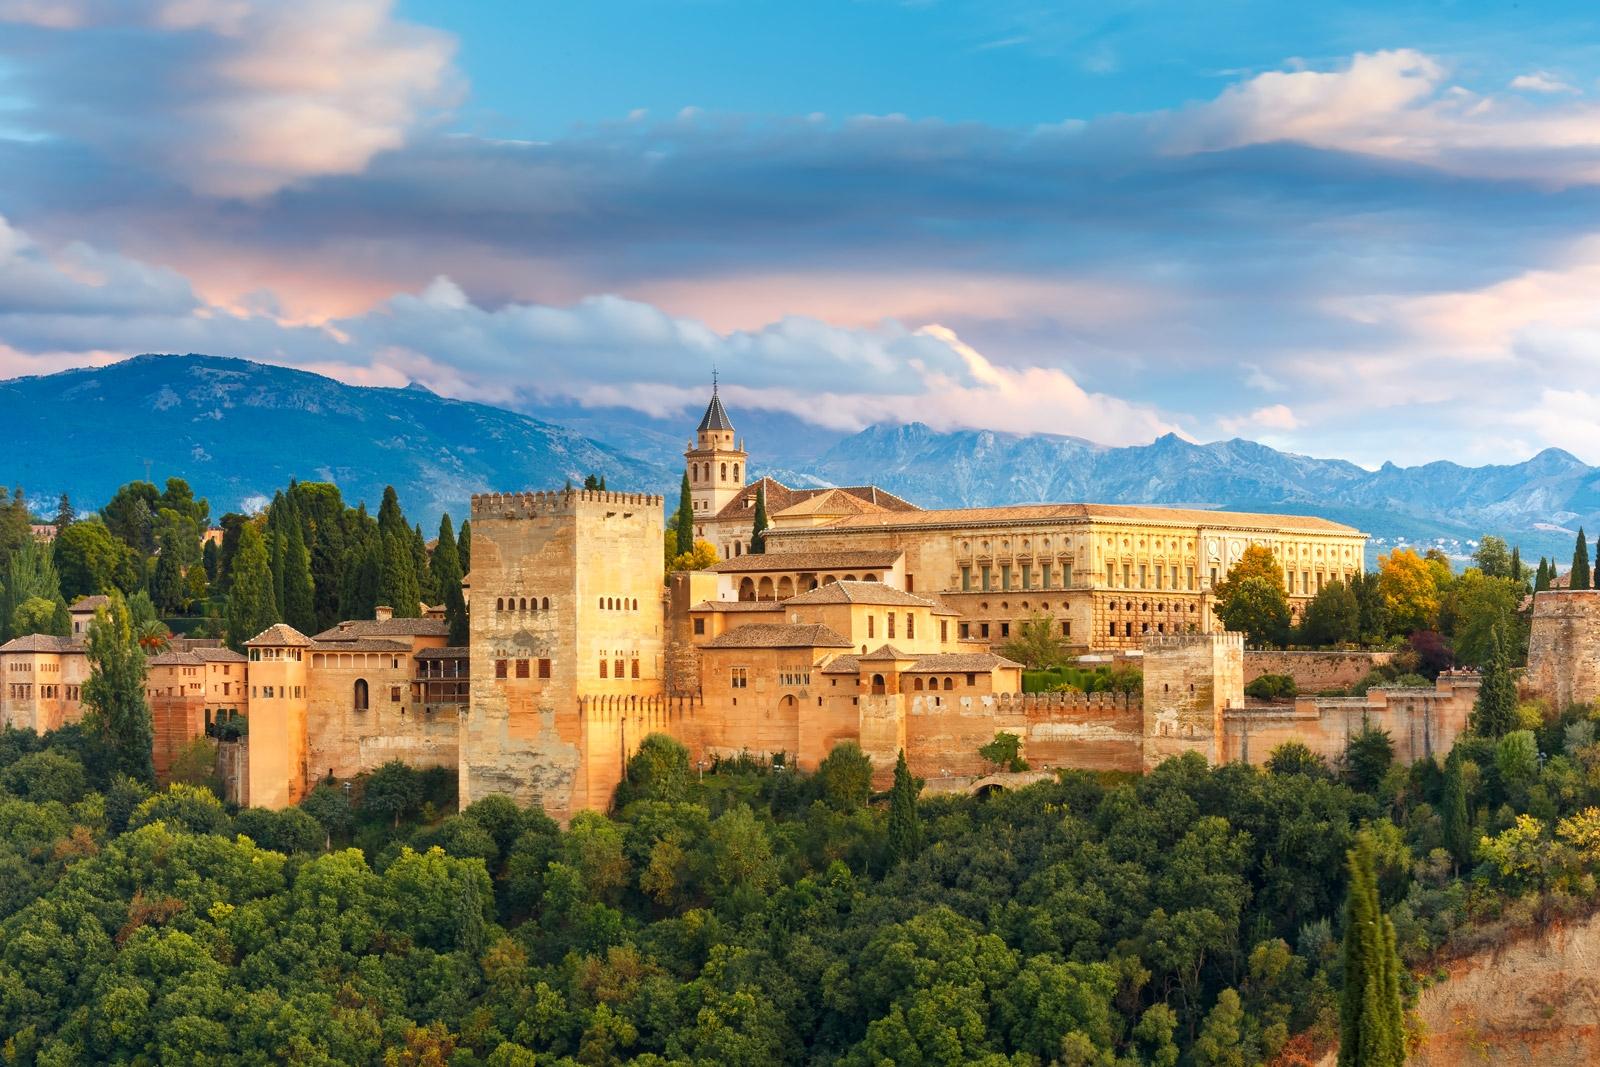 إسبانيا غرناطة اهم الاماكن السياحية قصر الحمراء